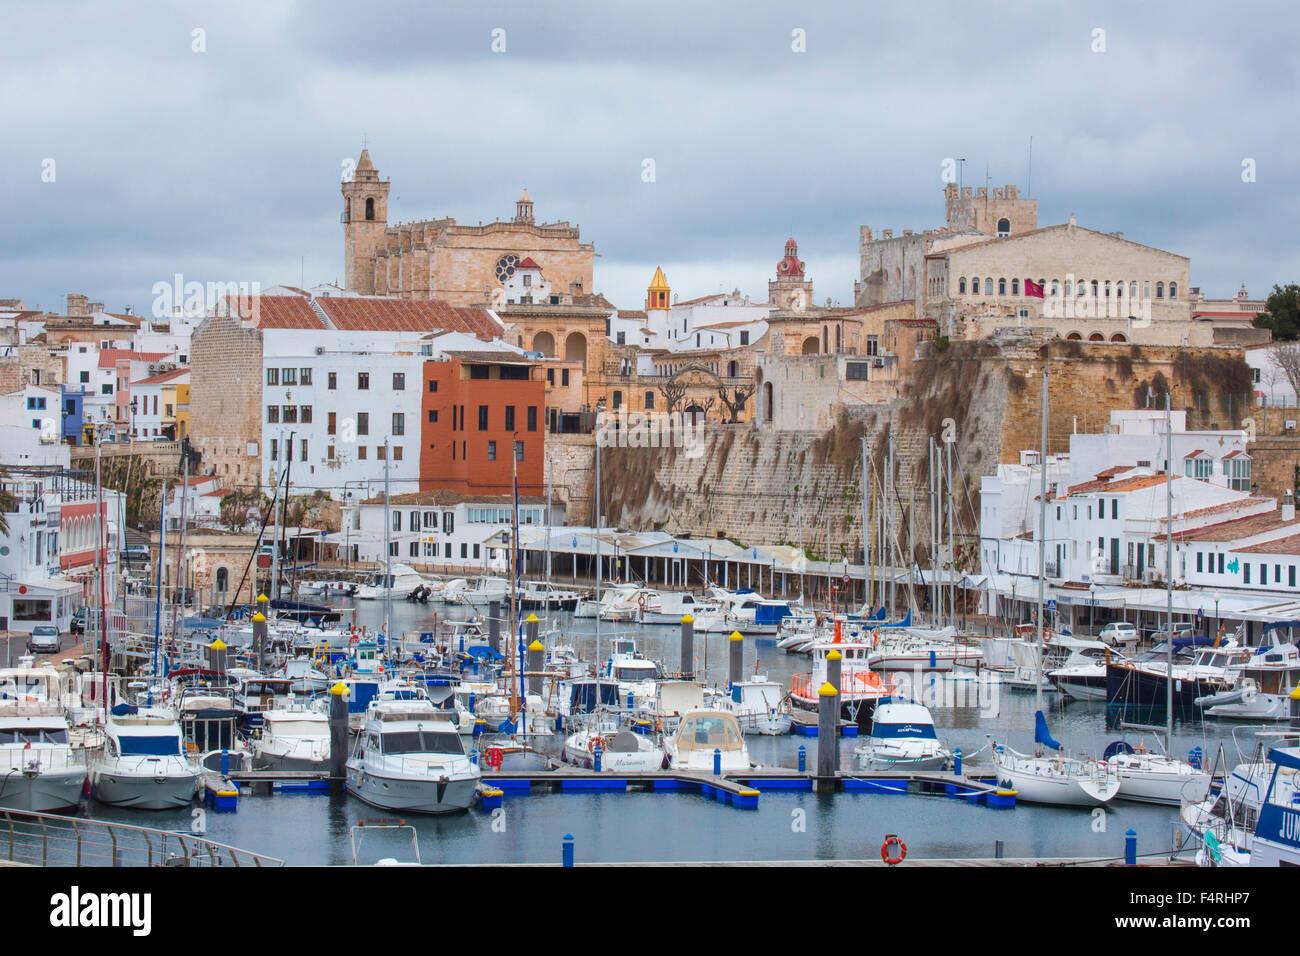 Isole Baleari, Municipio di Ciutadella, città, paesaggio, Menorca, Baleari, Spagna, Europa, molla, architettura, Immagini Stock